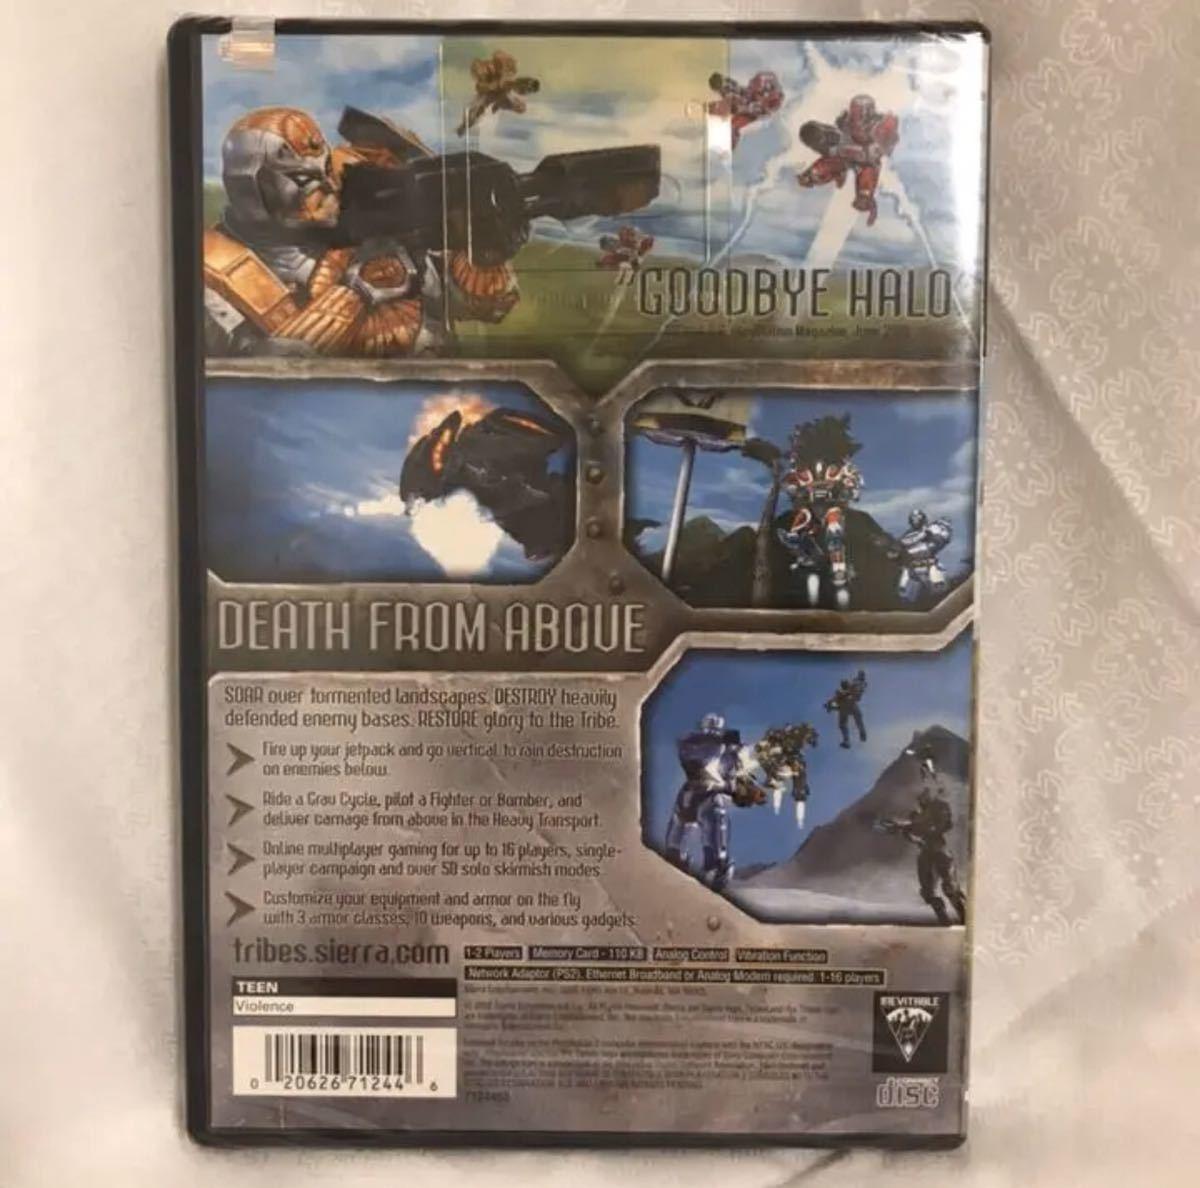 新品 プレイステーション2 tribes PlayStation2 輸入 海外版 プレステ2 ゲームソフト 英語版